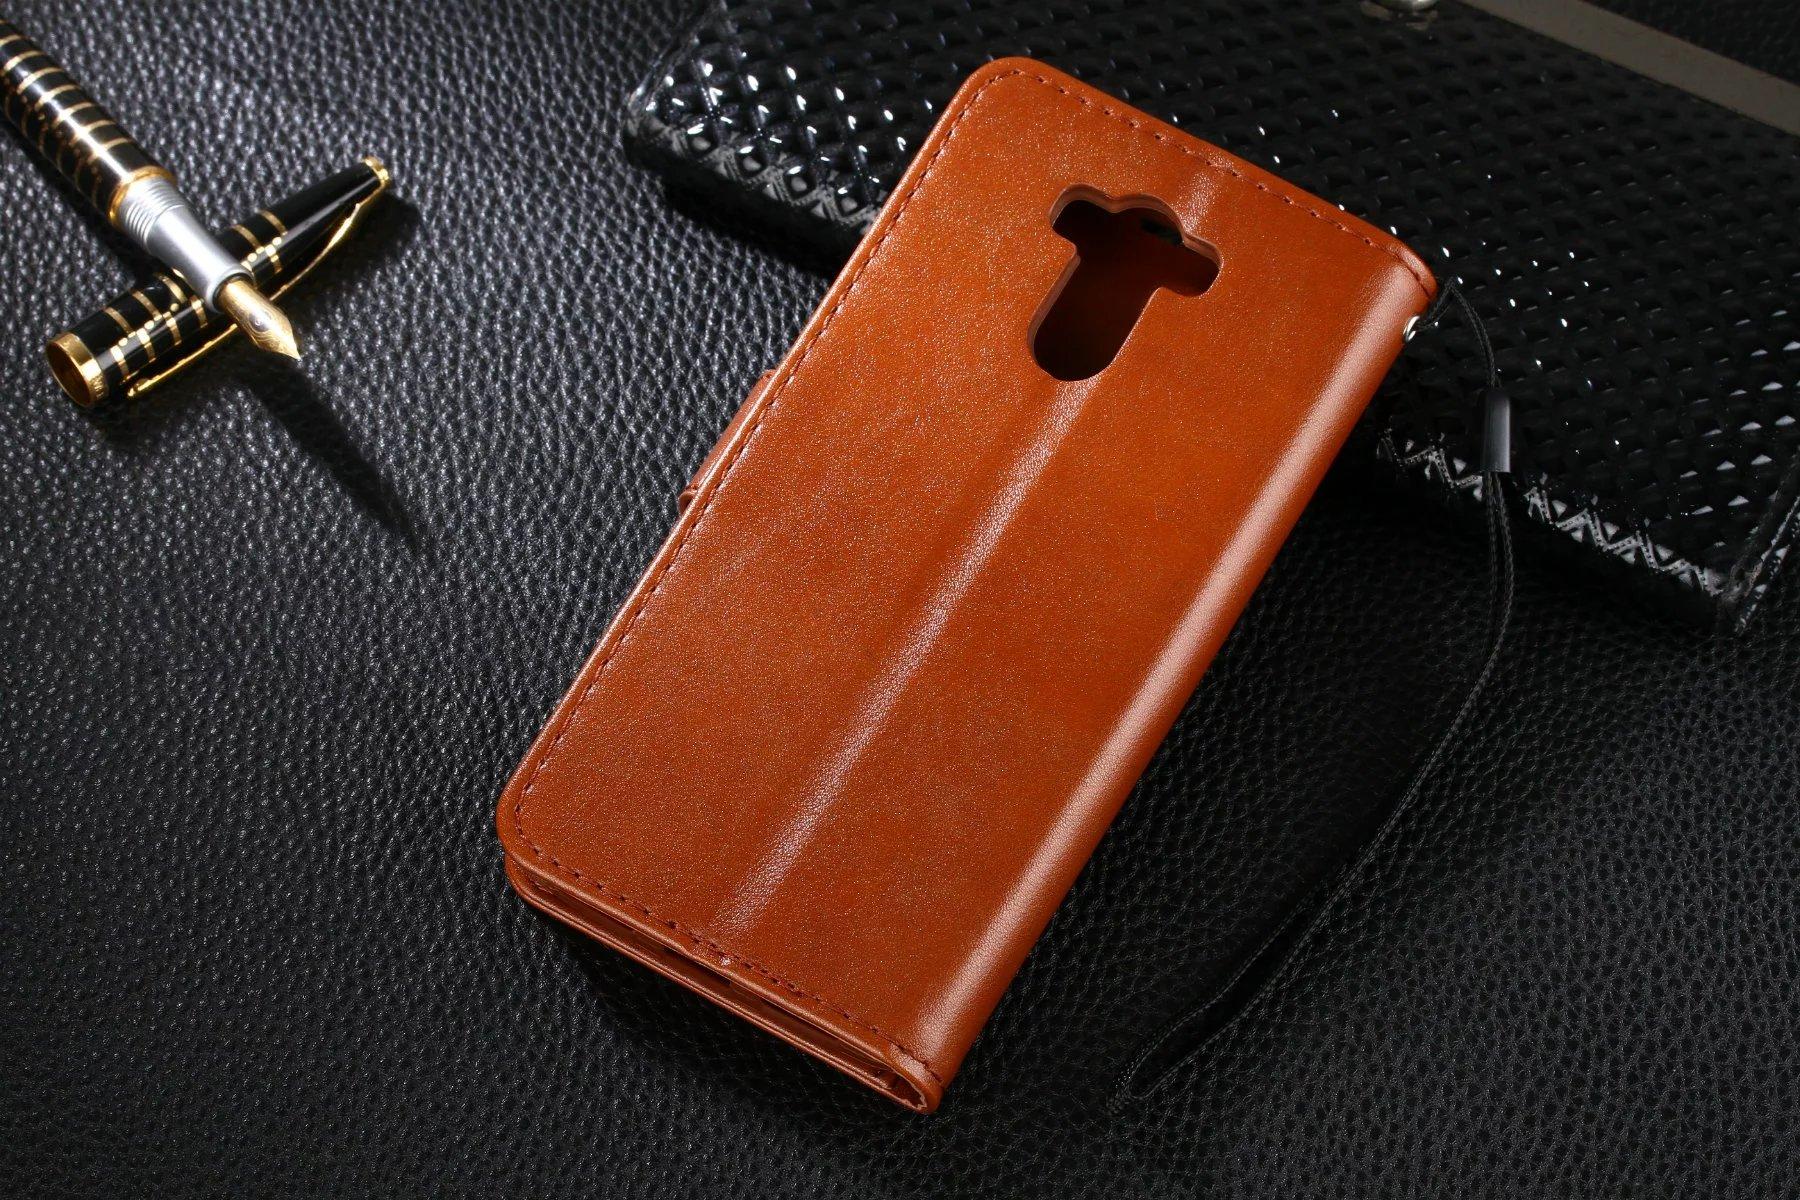 Luksusowy portfel case dla xiaomi redmi 4 pro redmi 4 książka klapki pokrywa pu leather stań torby telefonów pokrowce na xiaomi redmi 4 pro 2